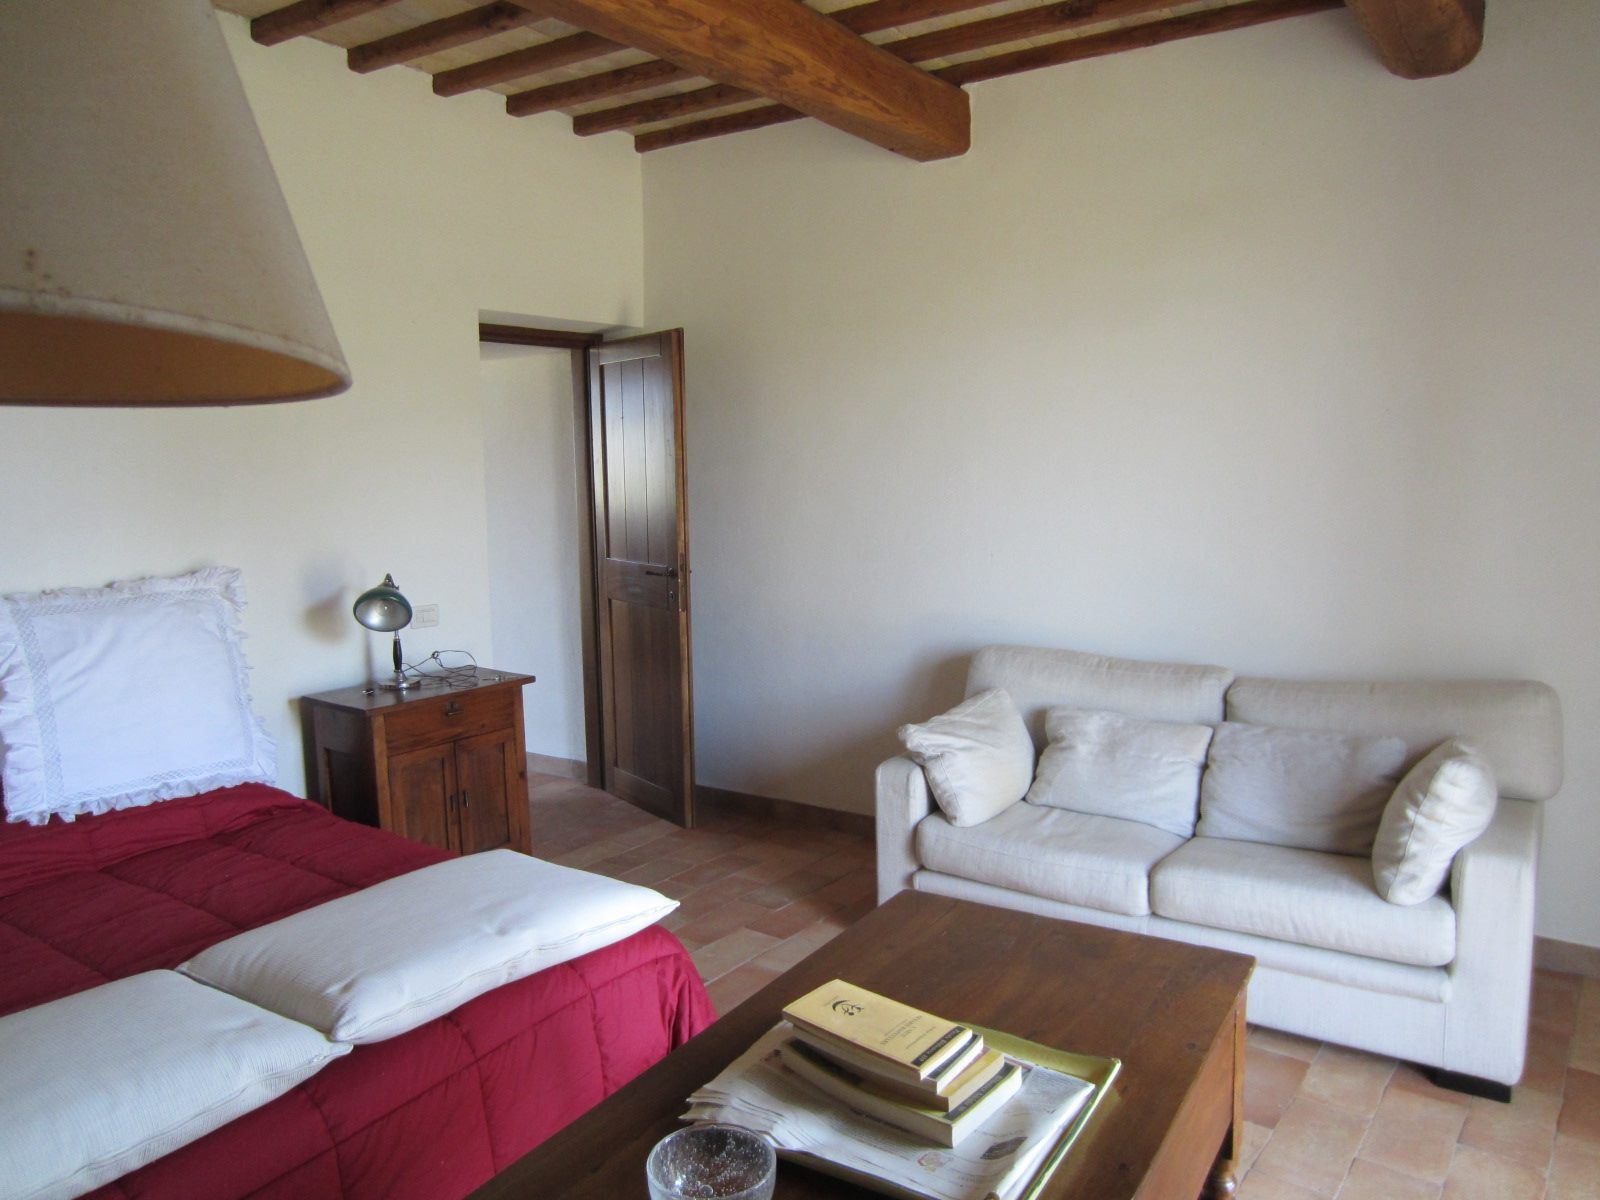 affitto villa campagna calvi dell umbria 8263 (20140313120352-2014-78341-NDP.JPG)